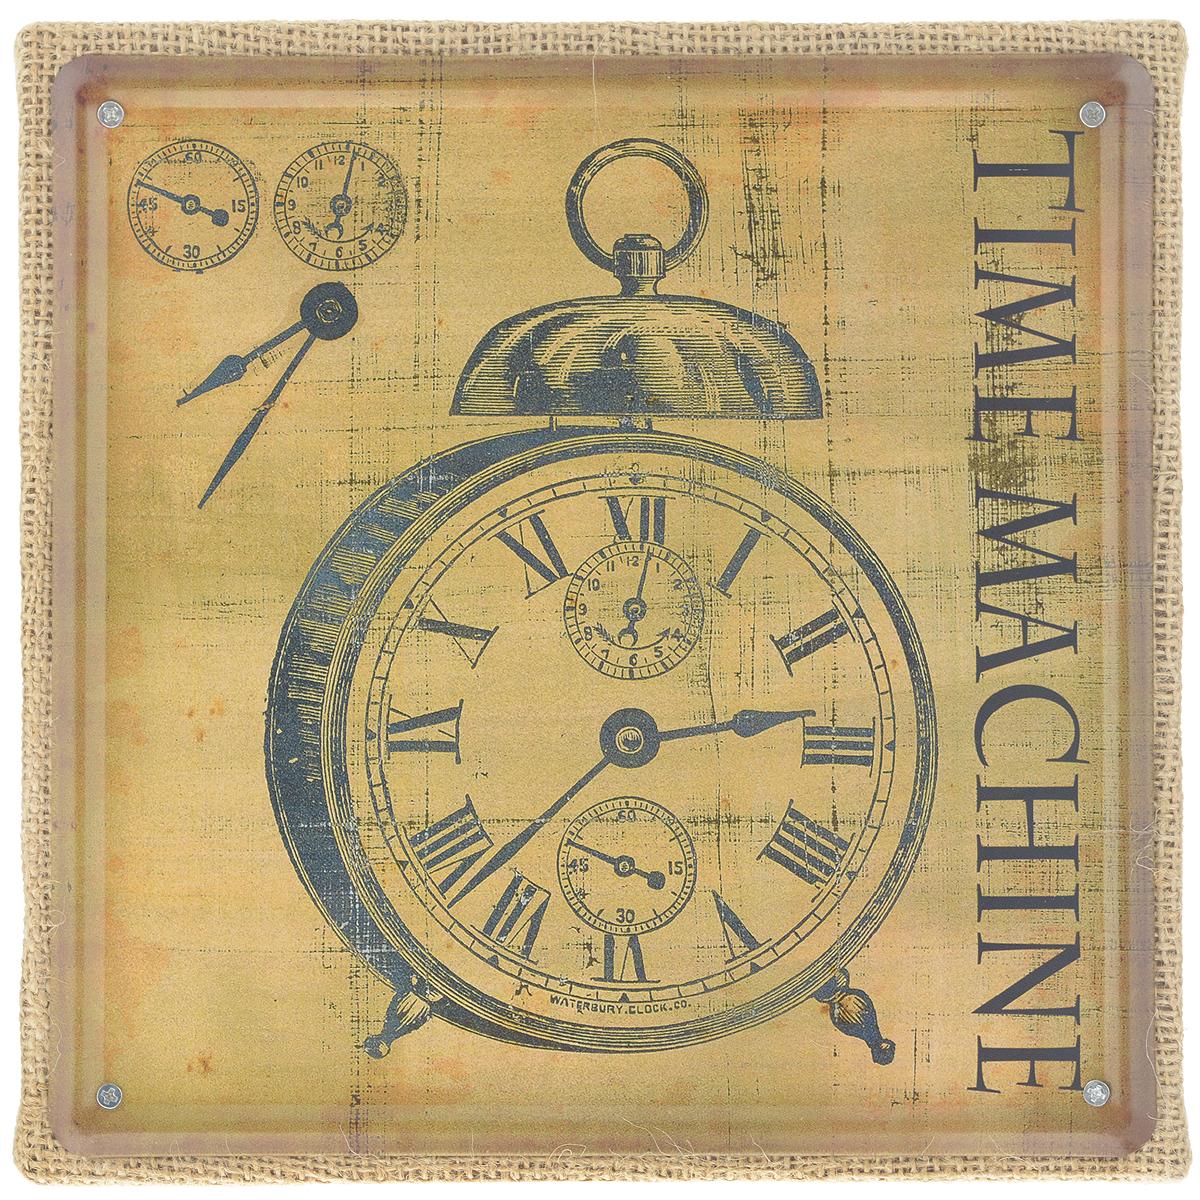 Постер в рамке Феникс-презент Часы, 20 см х 20 см37428Постер Феникс-презент Часы выполнен из черного металла в рамке из МДФ, которая обтянута натуральным льном. На постере изображены старинные часы и надпись Time machina. Постер в раме заинтересует всех любителей оригинальных вещиц и доставит массу положительных эмоций своему обладателю. Из мелочей складывается стиль интерьера. Постер в рамке Феникс-презент Часы одна из тех деталей, которые придают дому обжитой вид и создают ощущение уюта. Размер постера 20 см х 20 см. Размер с рамки: 21 см х 21 см х 2 см.